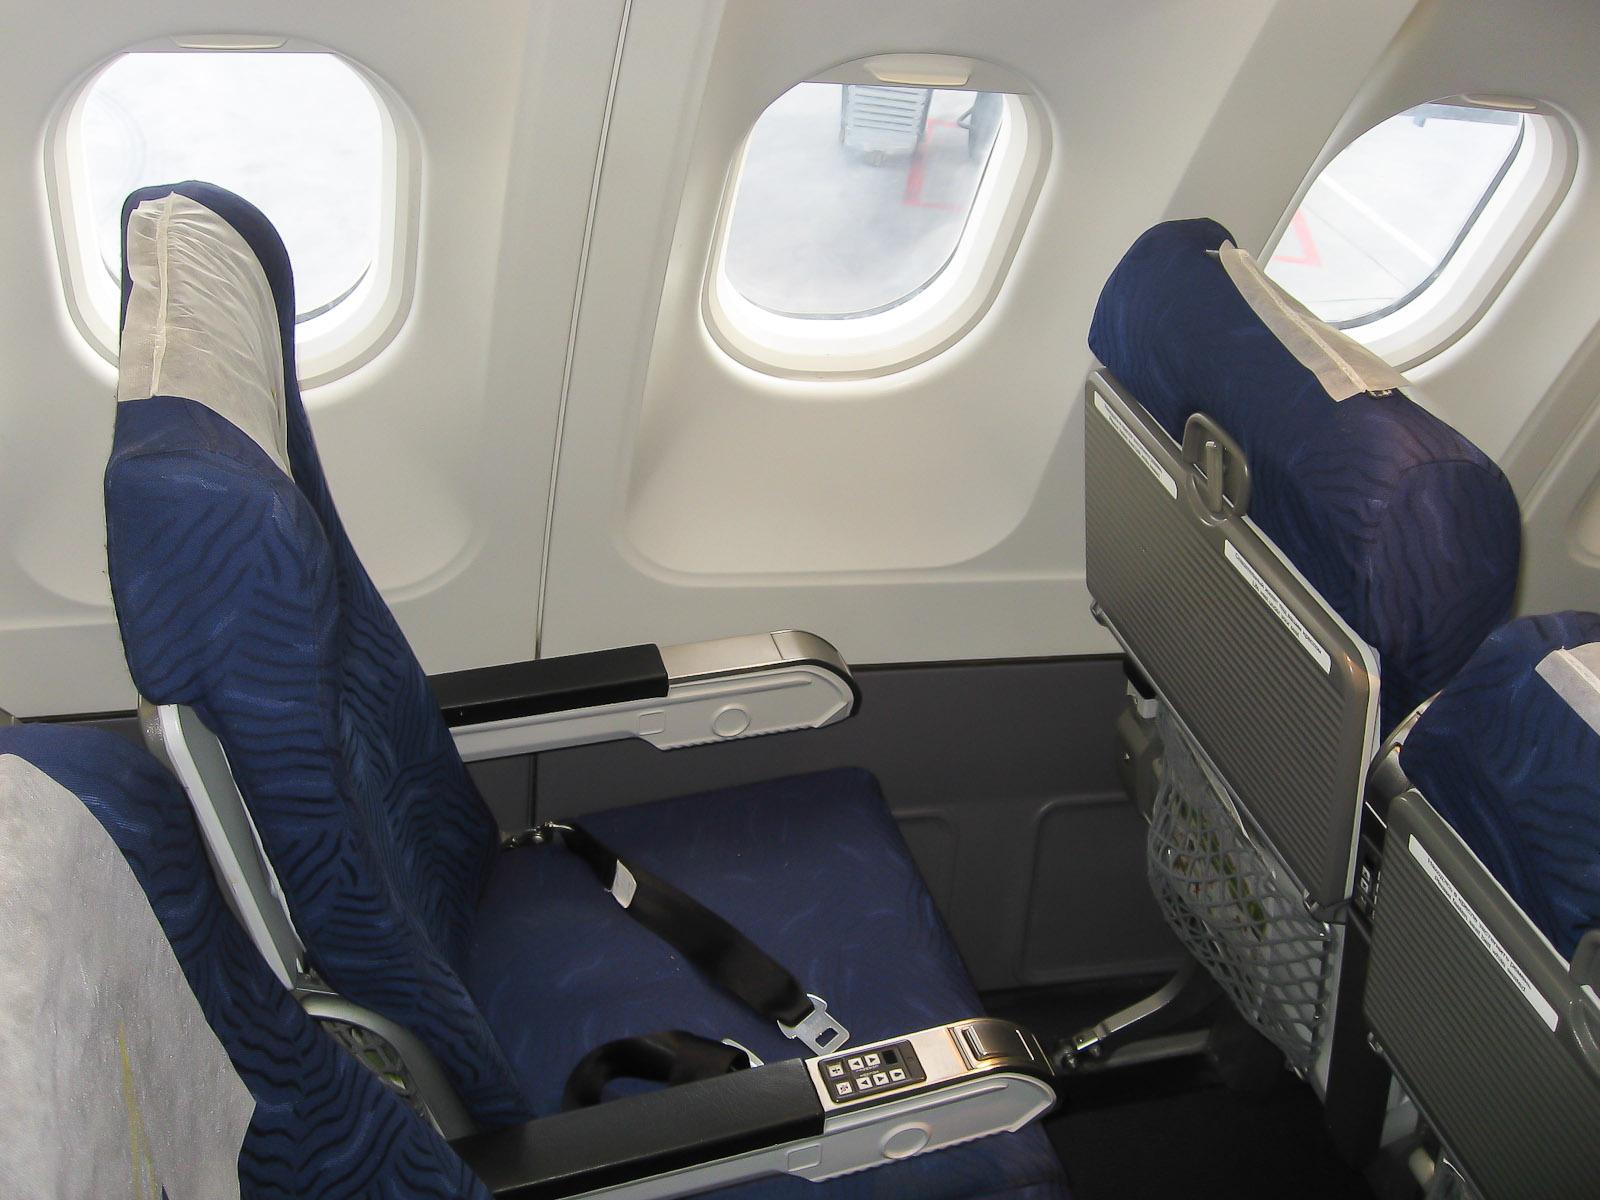 Пассажирское кресло в самолете Airbus A330-300 авиакомпании I Fly